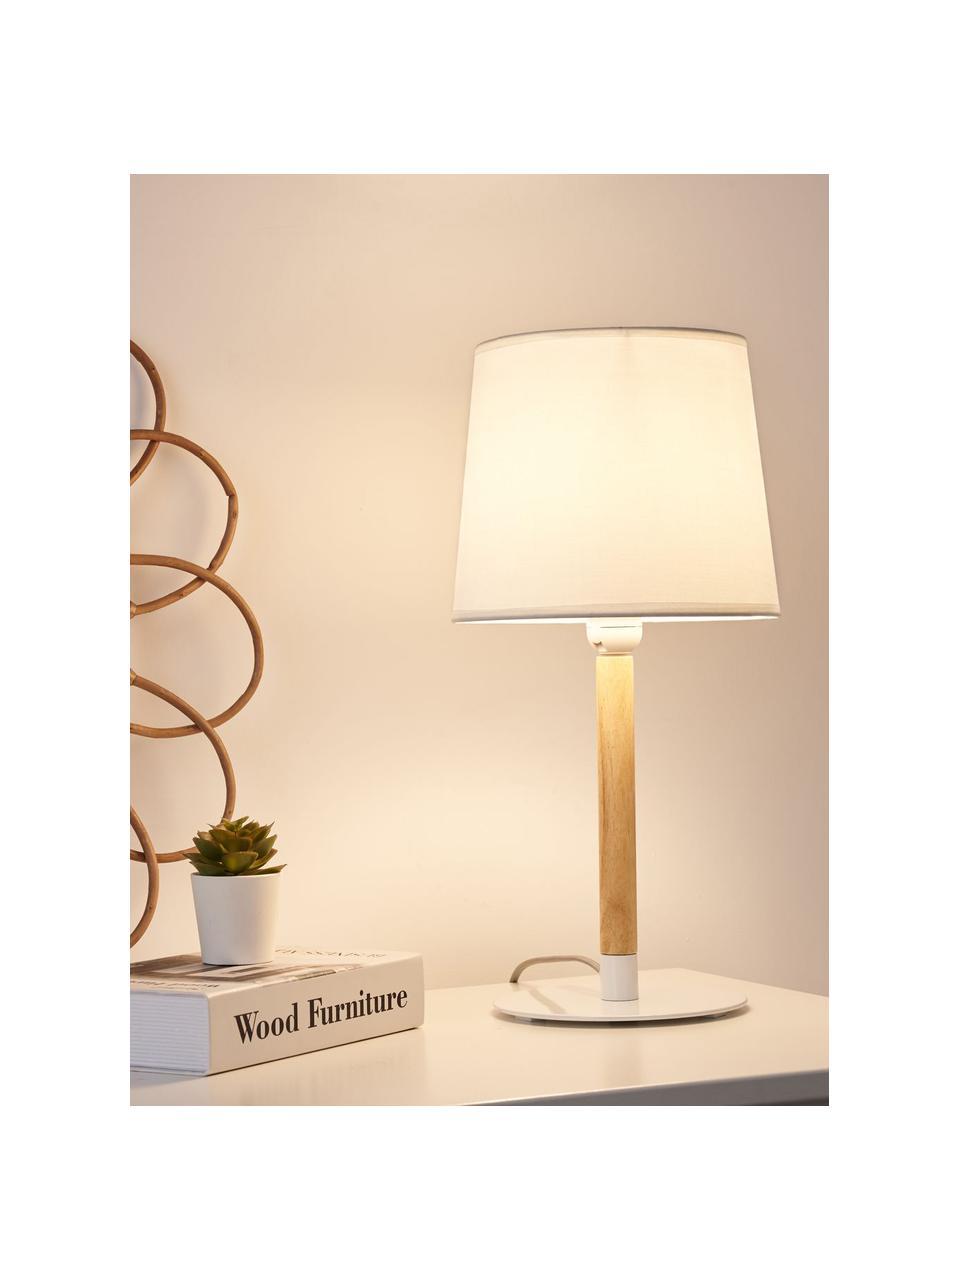 Tischlampe Woody Cuddles mit Holzfuß, Lampenschirm: Stoff, Lampenfuß: Metall, beschichtet, Stange: Holz, Weiß, Holz, Ø 22 x H 44 cm